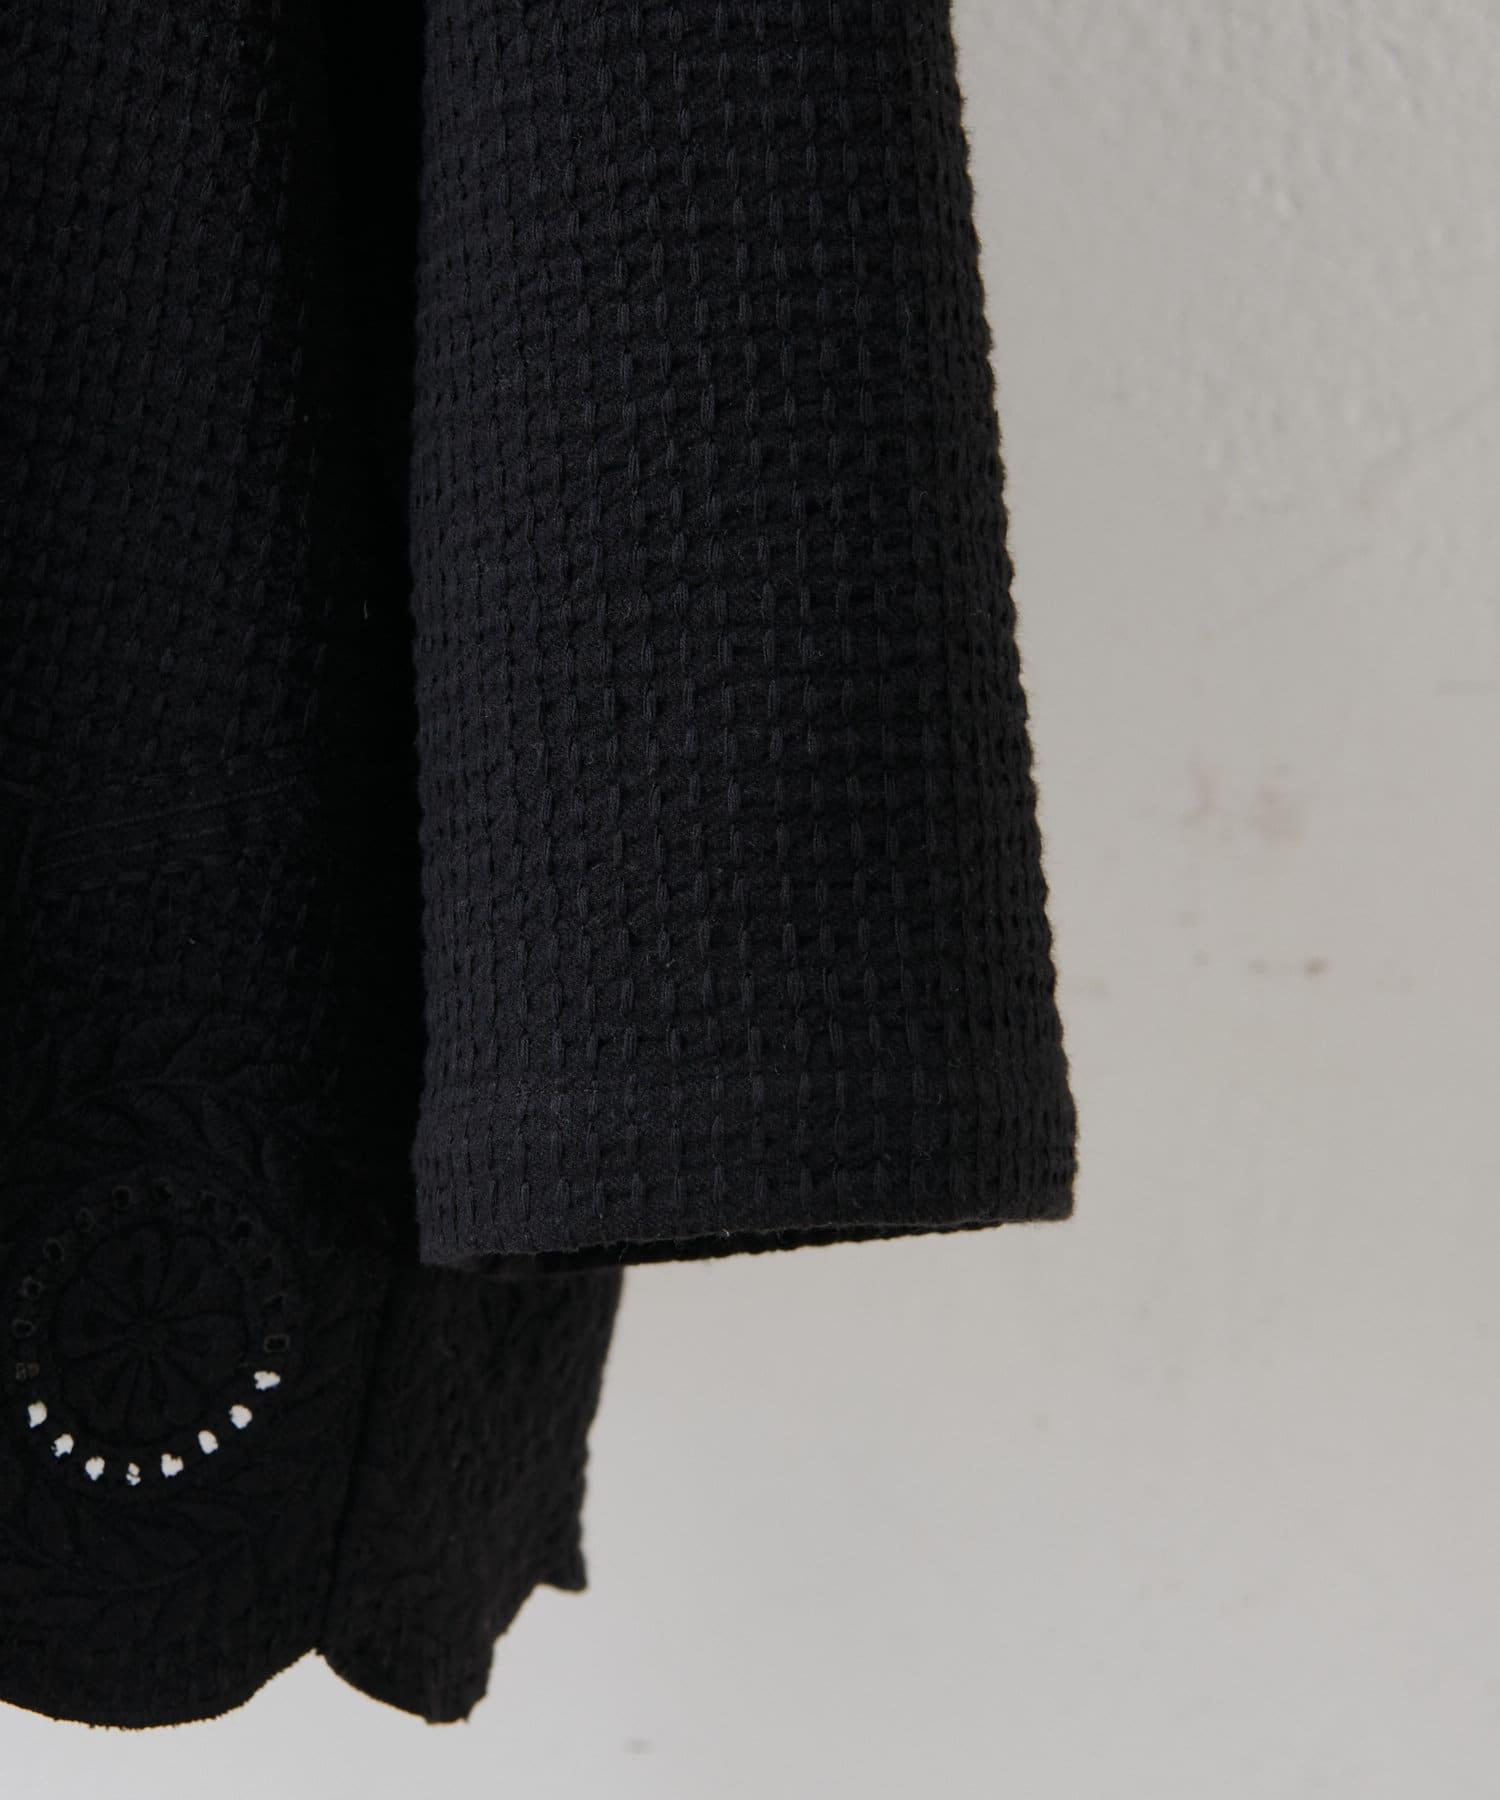 BEARDSLEY(ビアズリー) 刺繍ブラウス